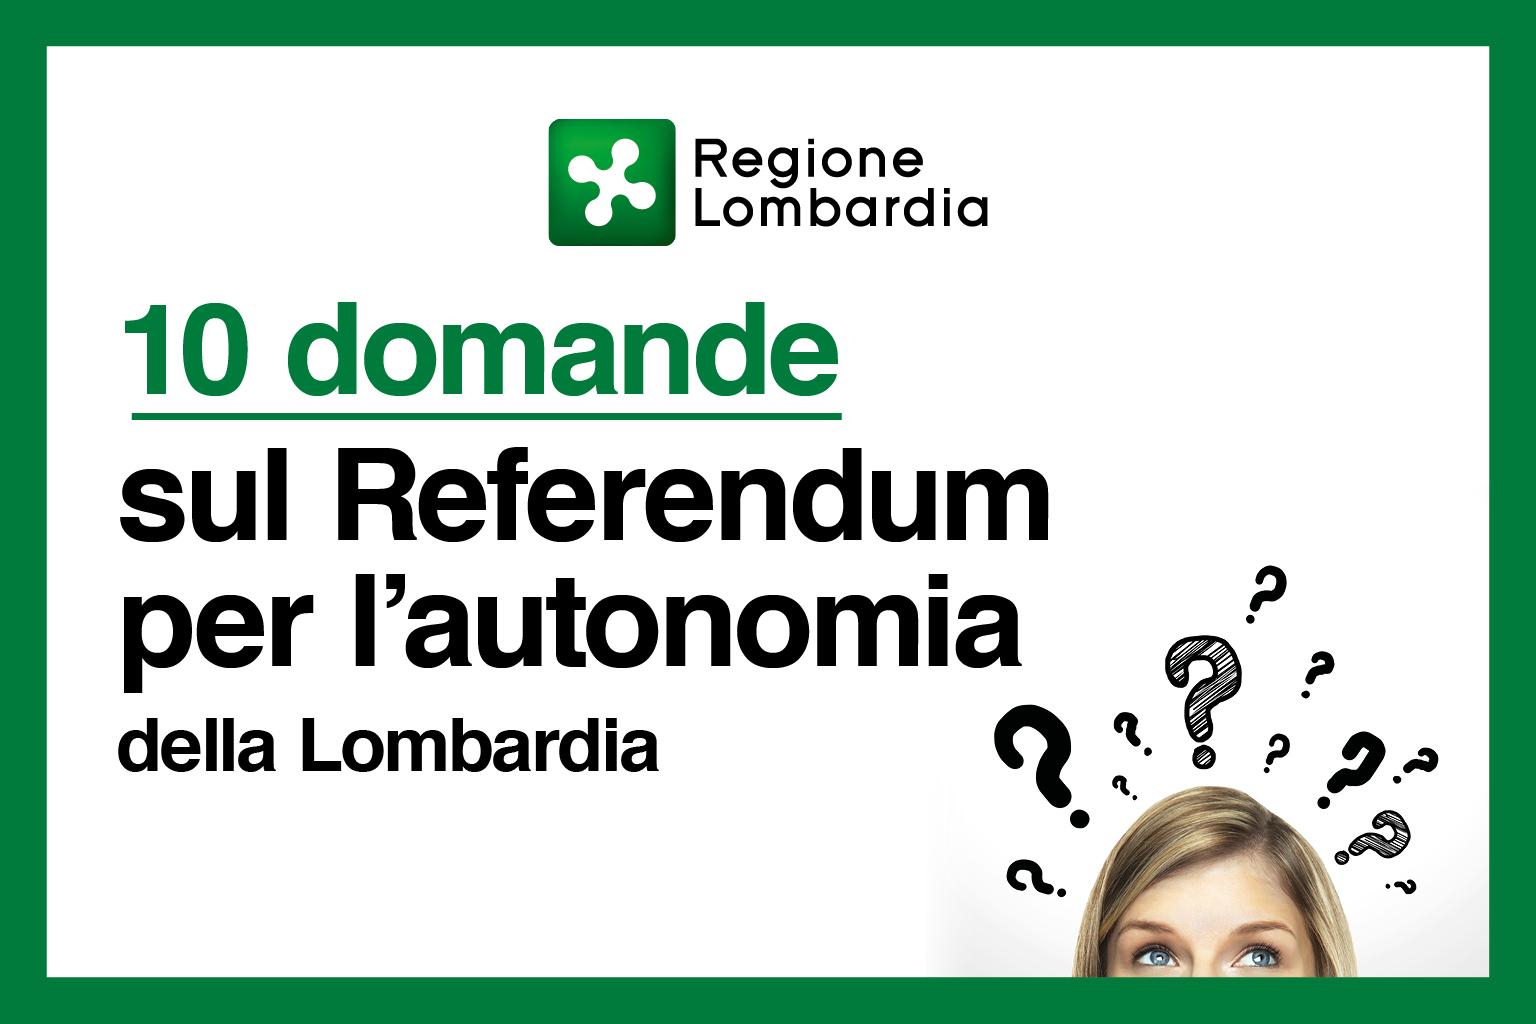 Domande sul referendum del 22 ottobre 2017